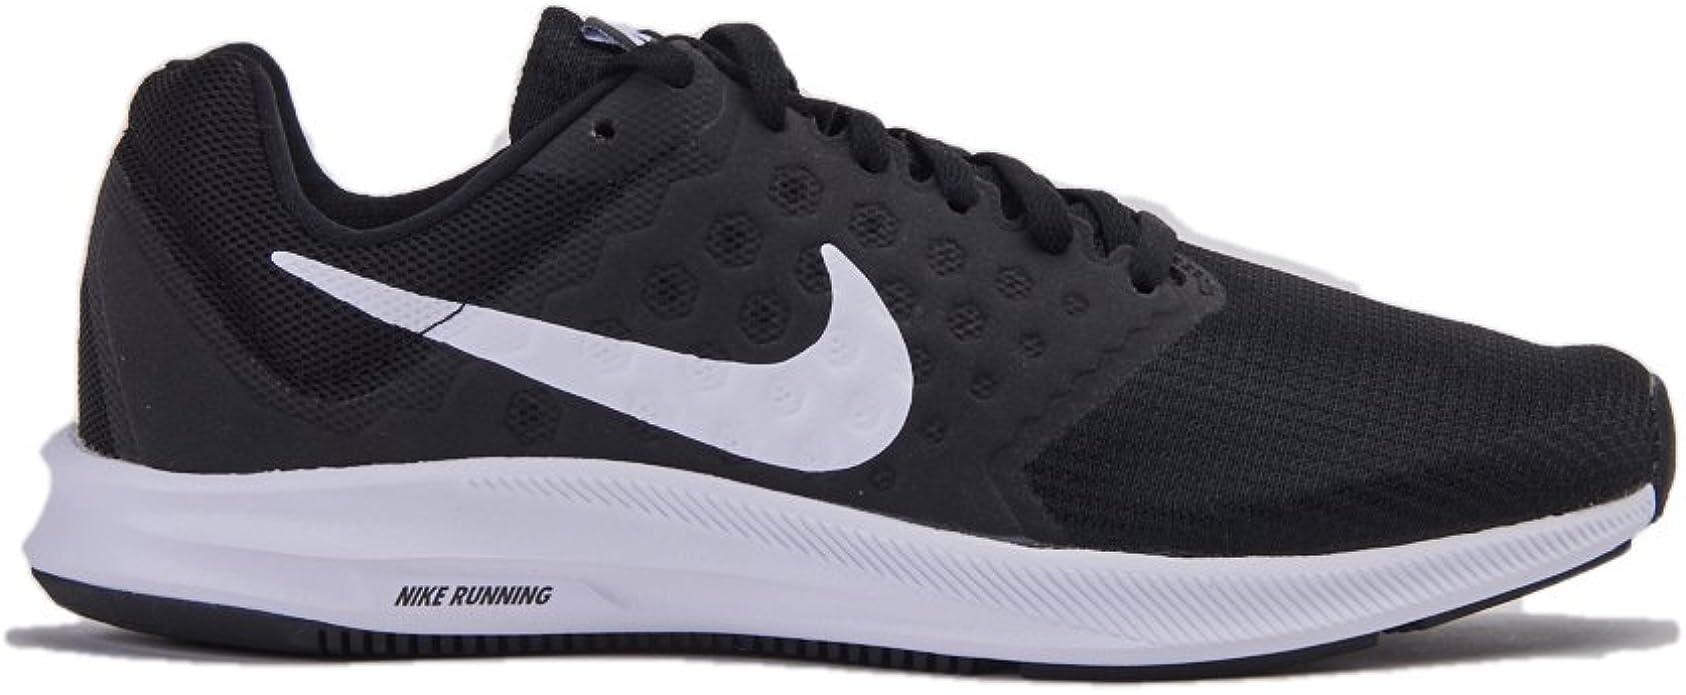 Nike Wmns Downshifter 7, Zapatillas de Running para Mujer: Amazon.es: Zapatos y complementos